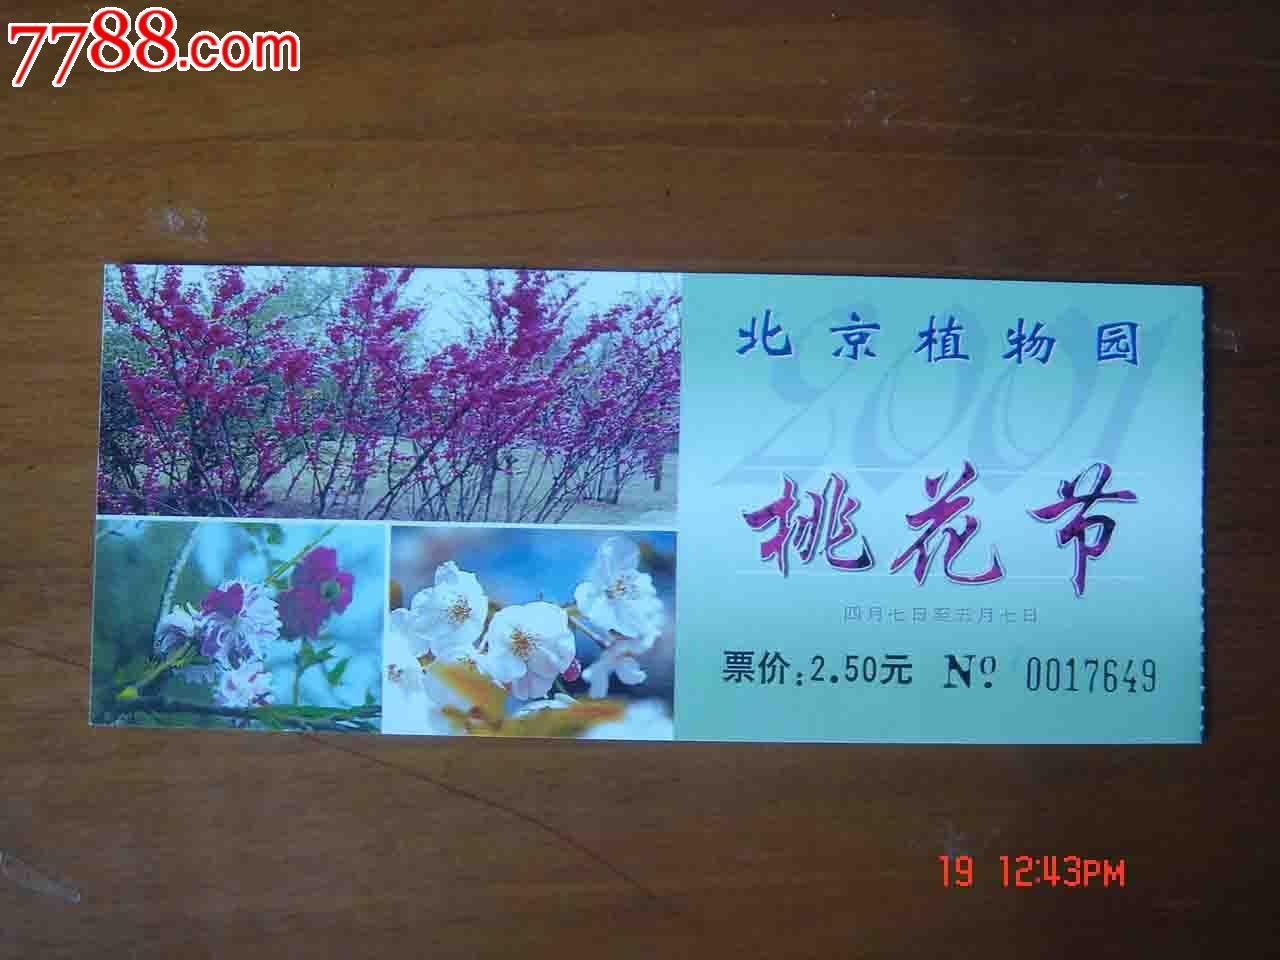 北京市植物园桃花节参观券【品相如图】051